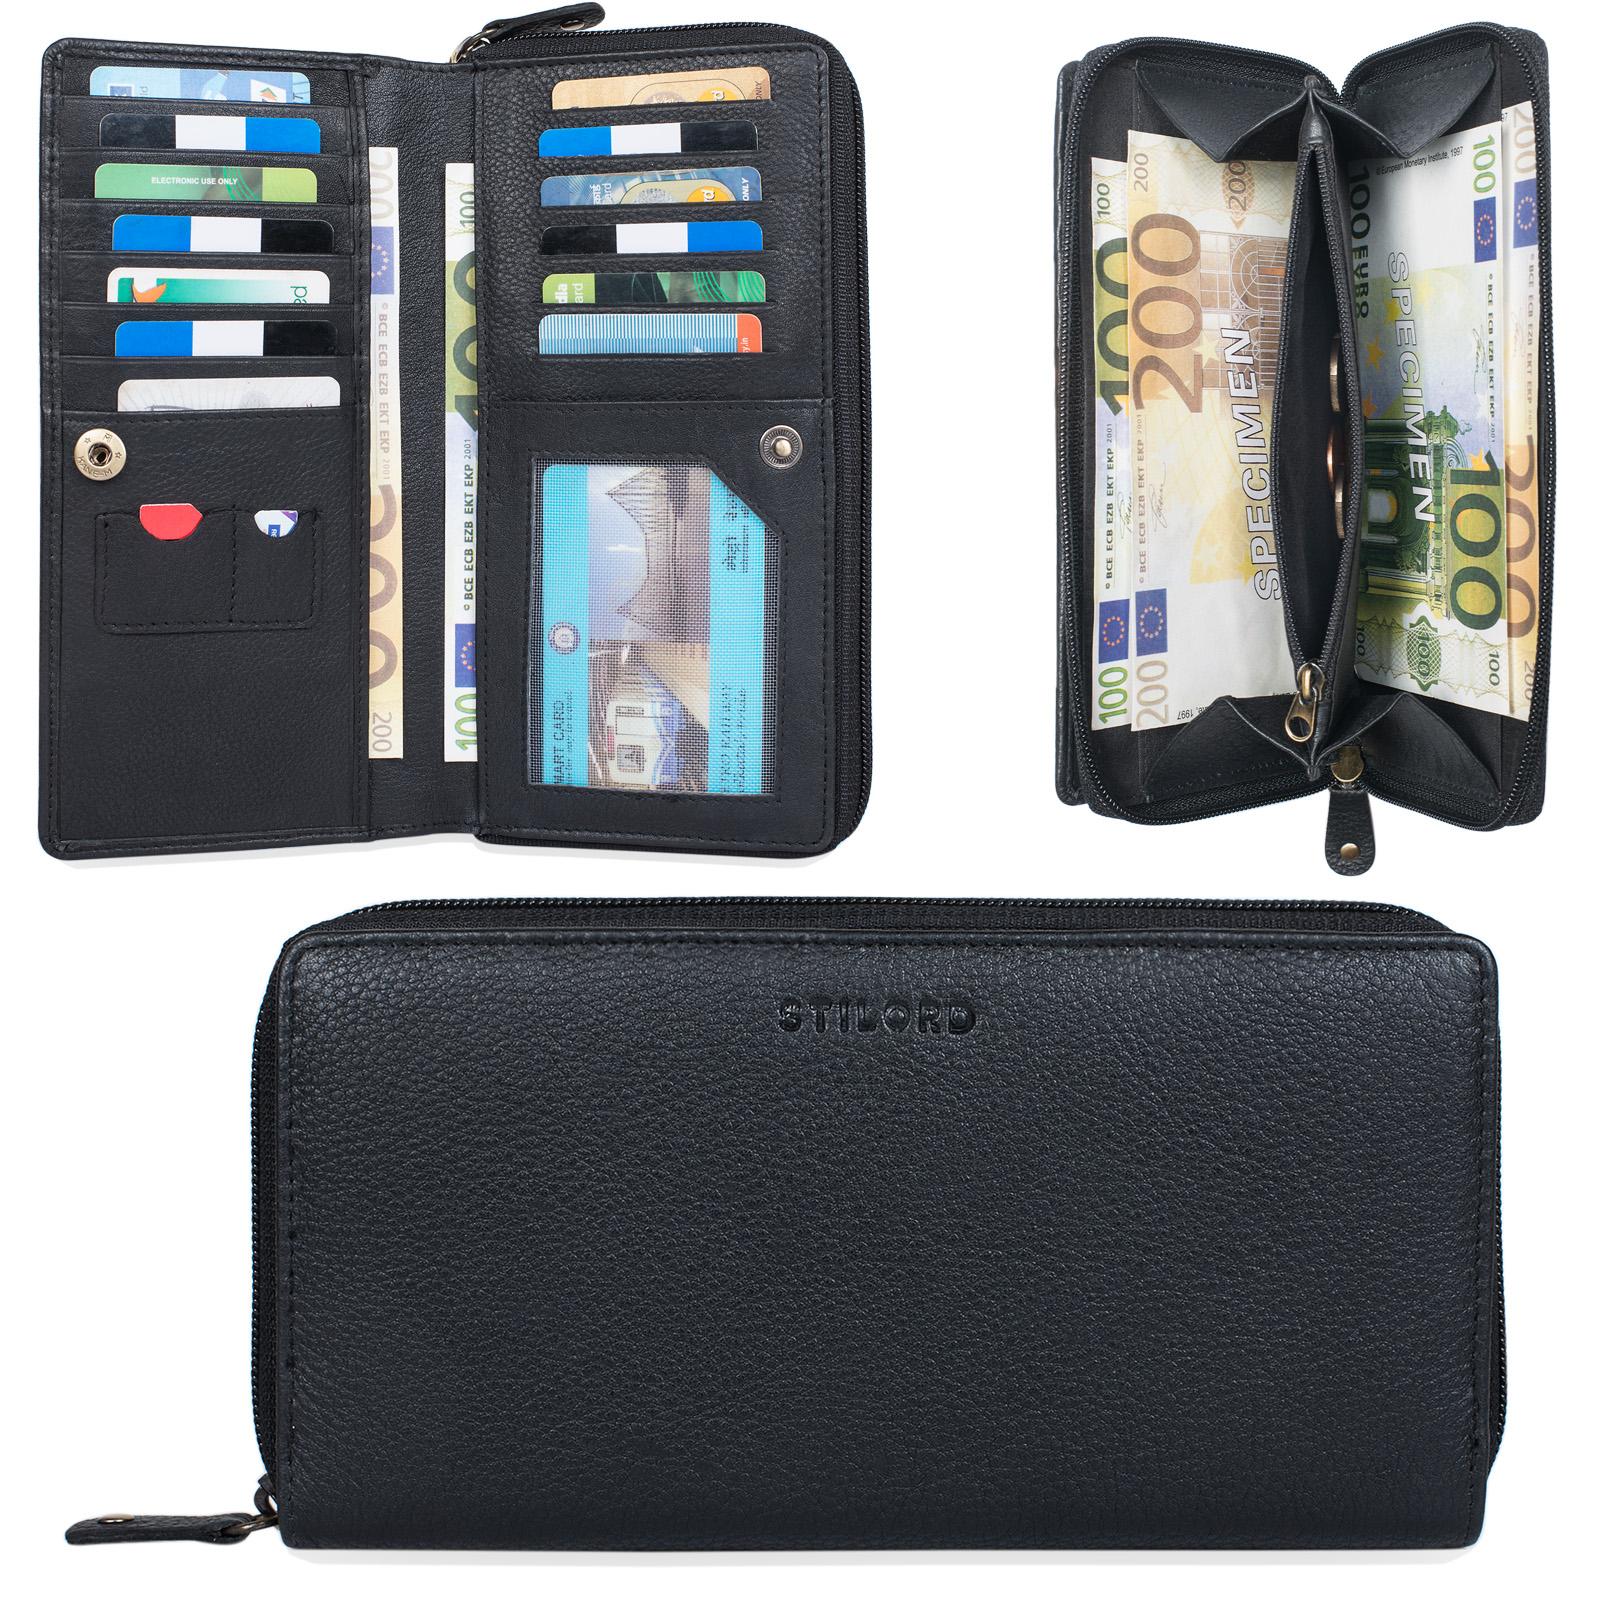 """STILORD """"Dana"""" Damen Geldbörse lang Leder Vintage Portemonnaie im Querformat große Brieftasche mit Reißverschluss für Kleingeld EC-Karten echtes Rindsleder - Bild 9"""